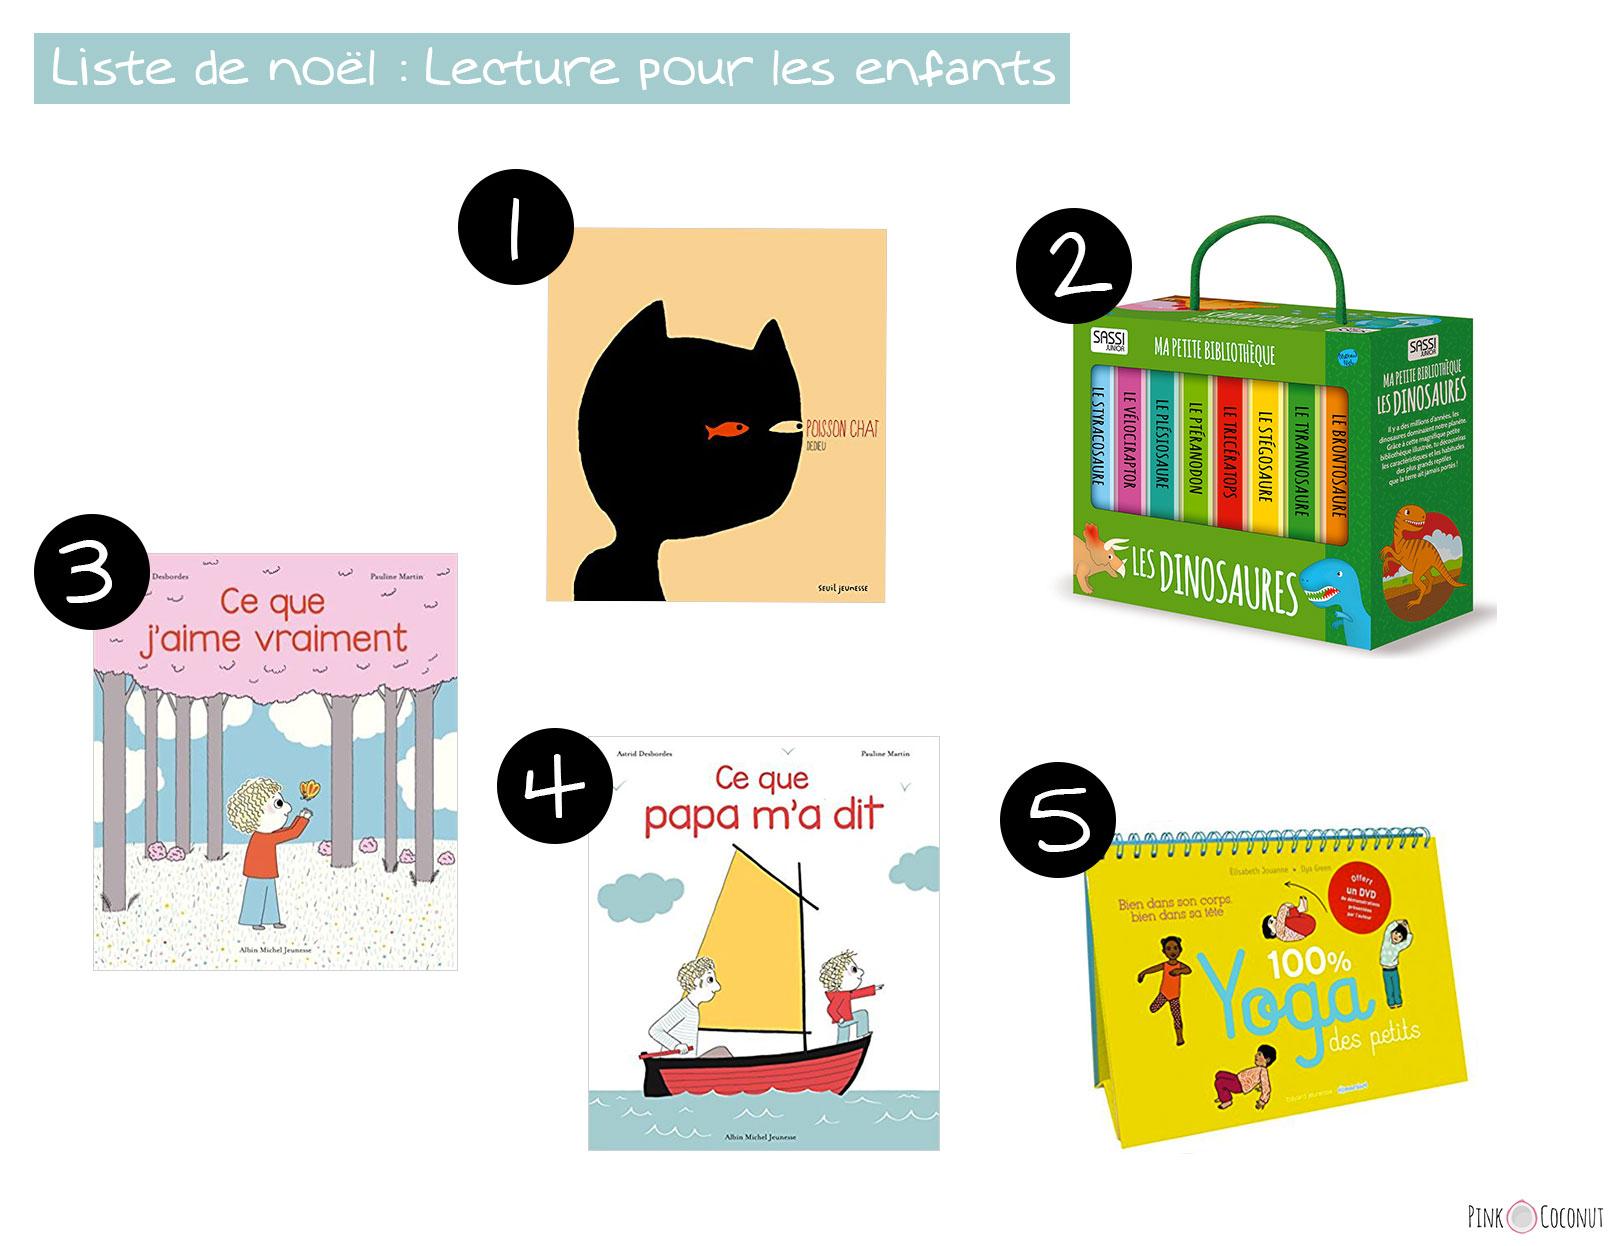 liste-noel-livres-enfants